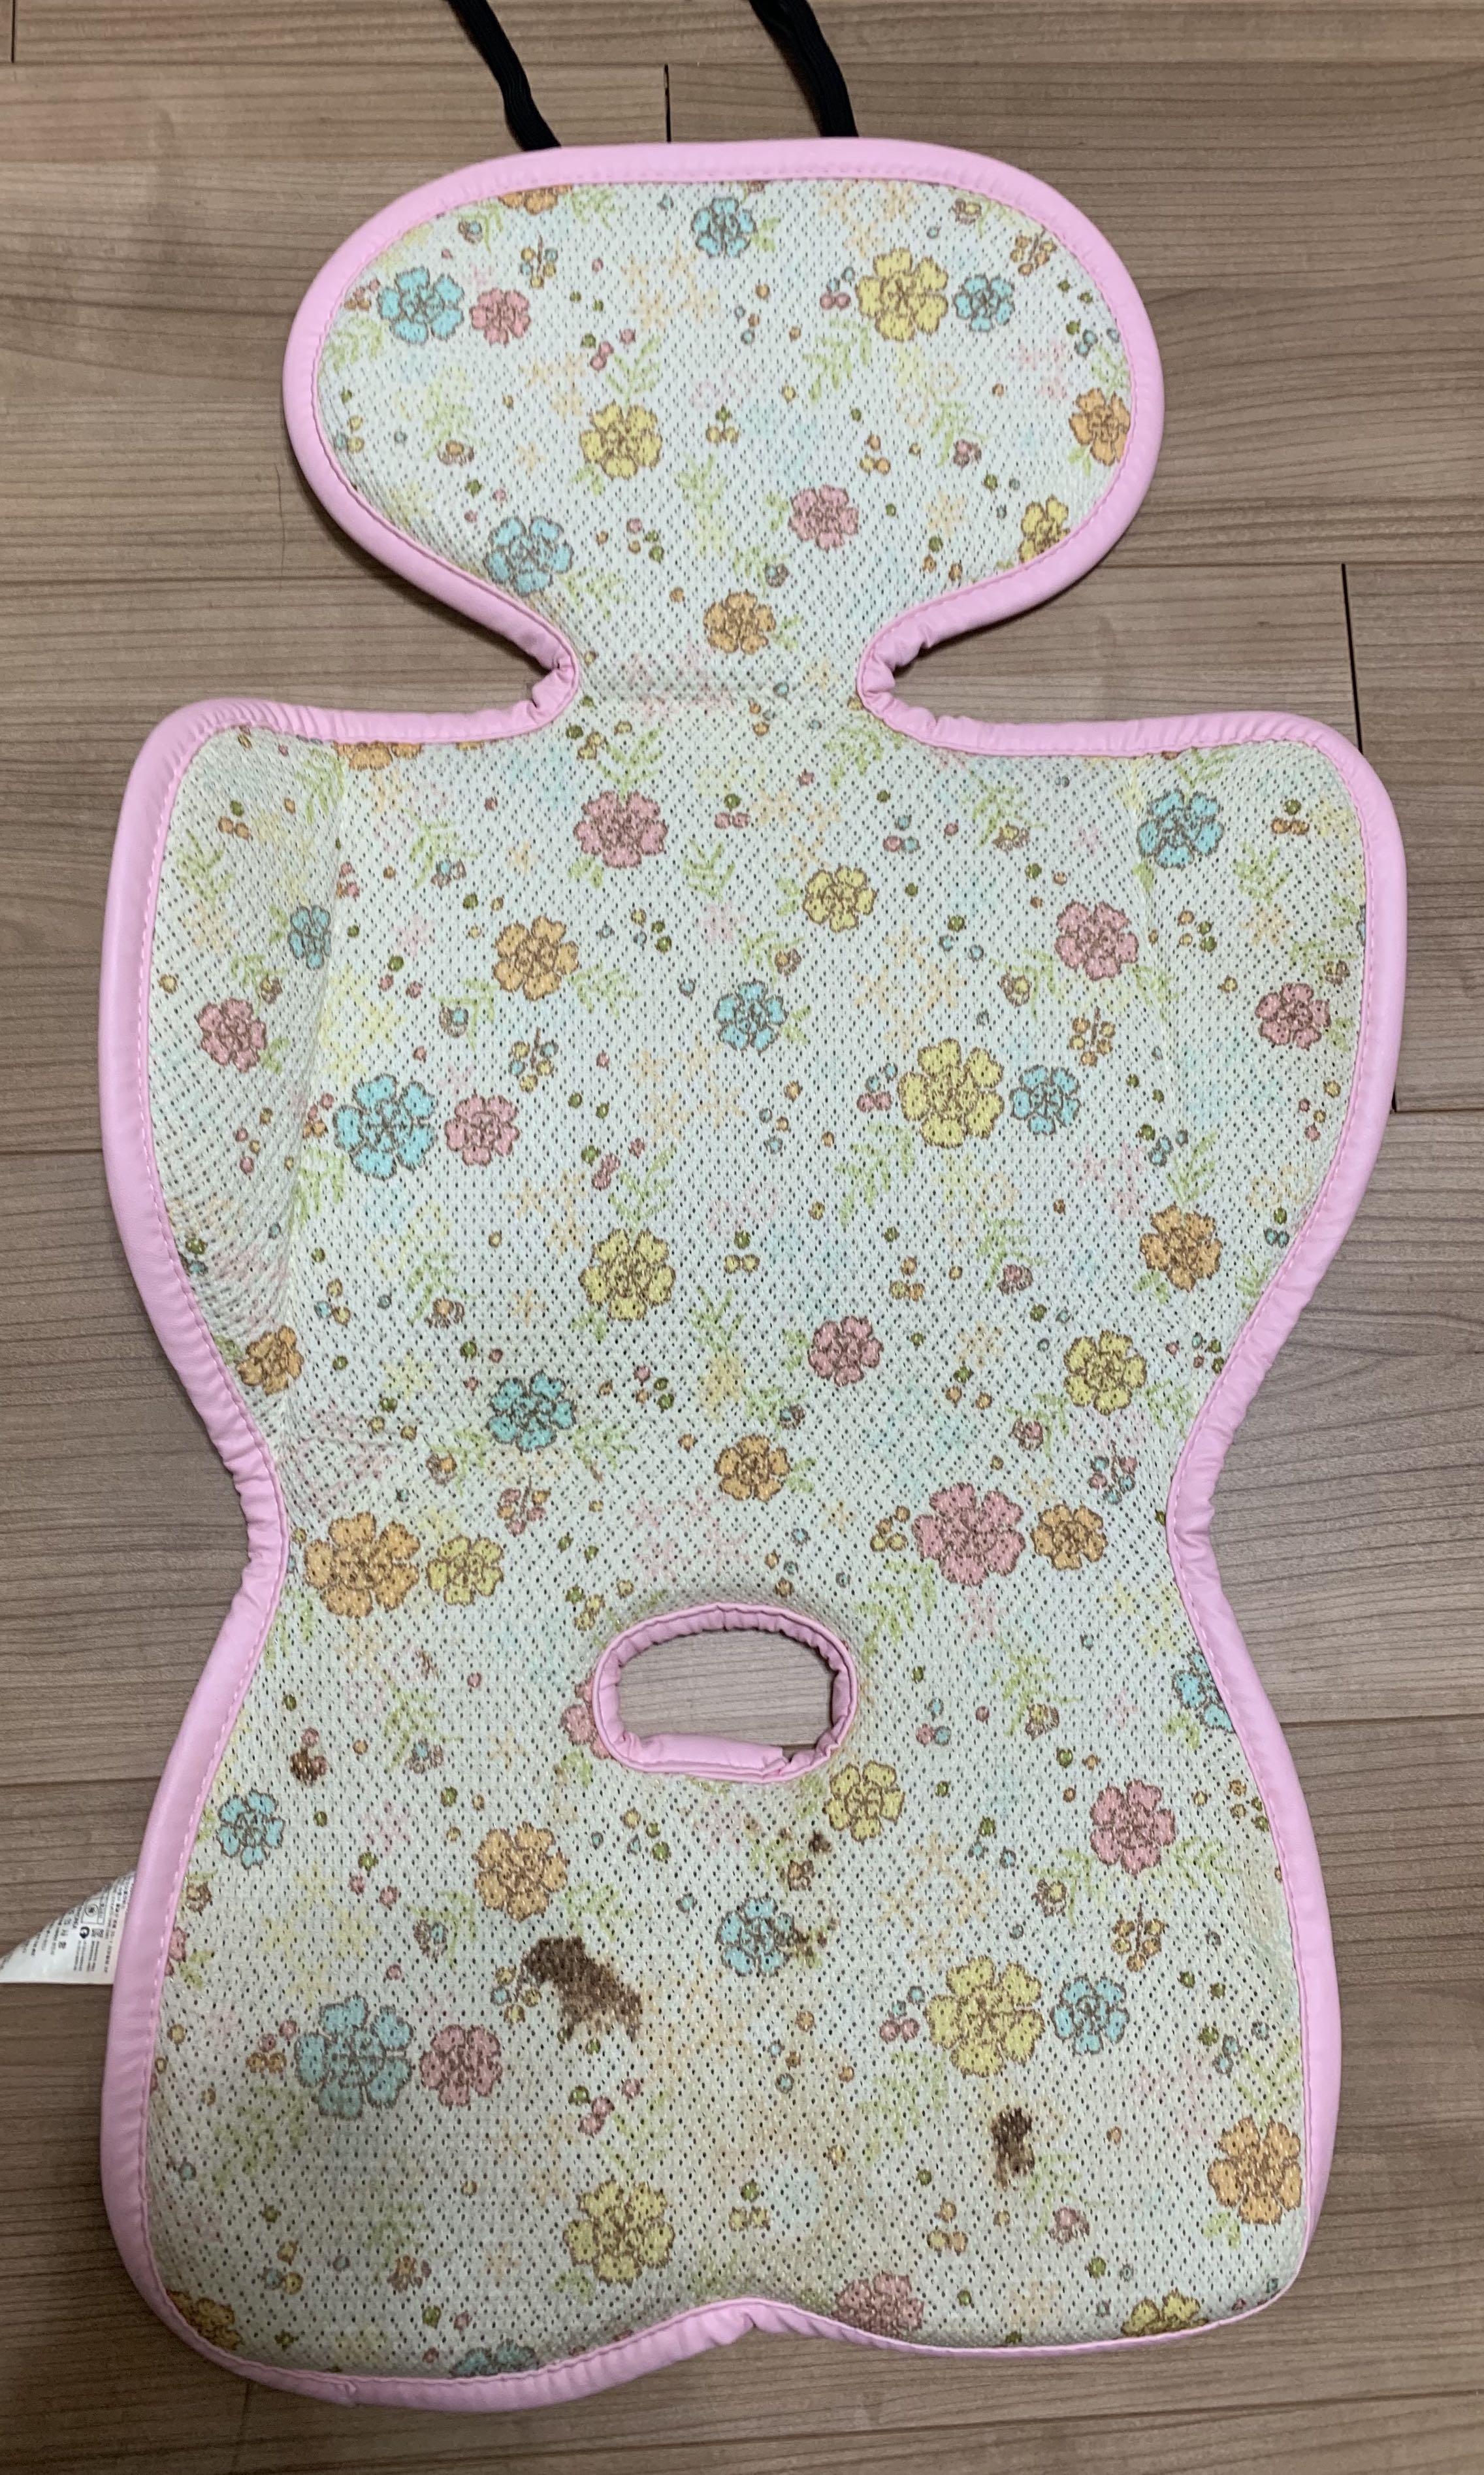 免費贈送-嬰兒透氣座墊 可用於推車或汽座